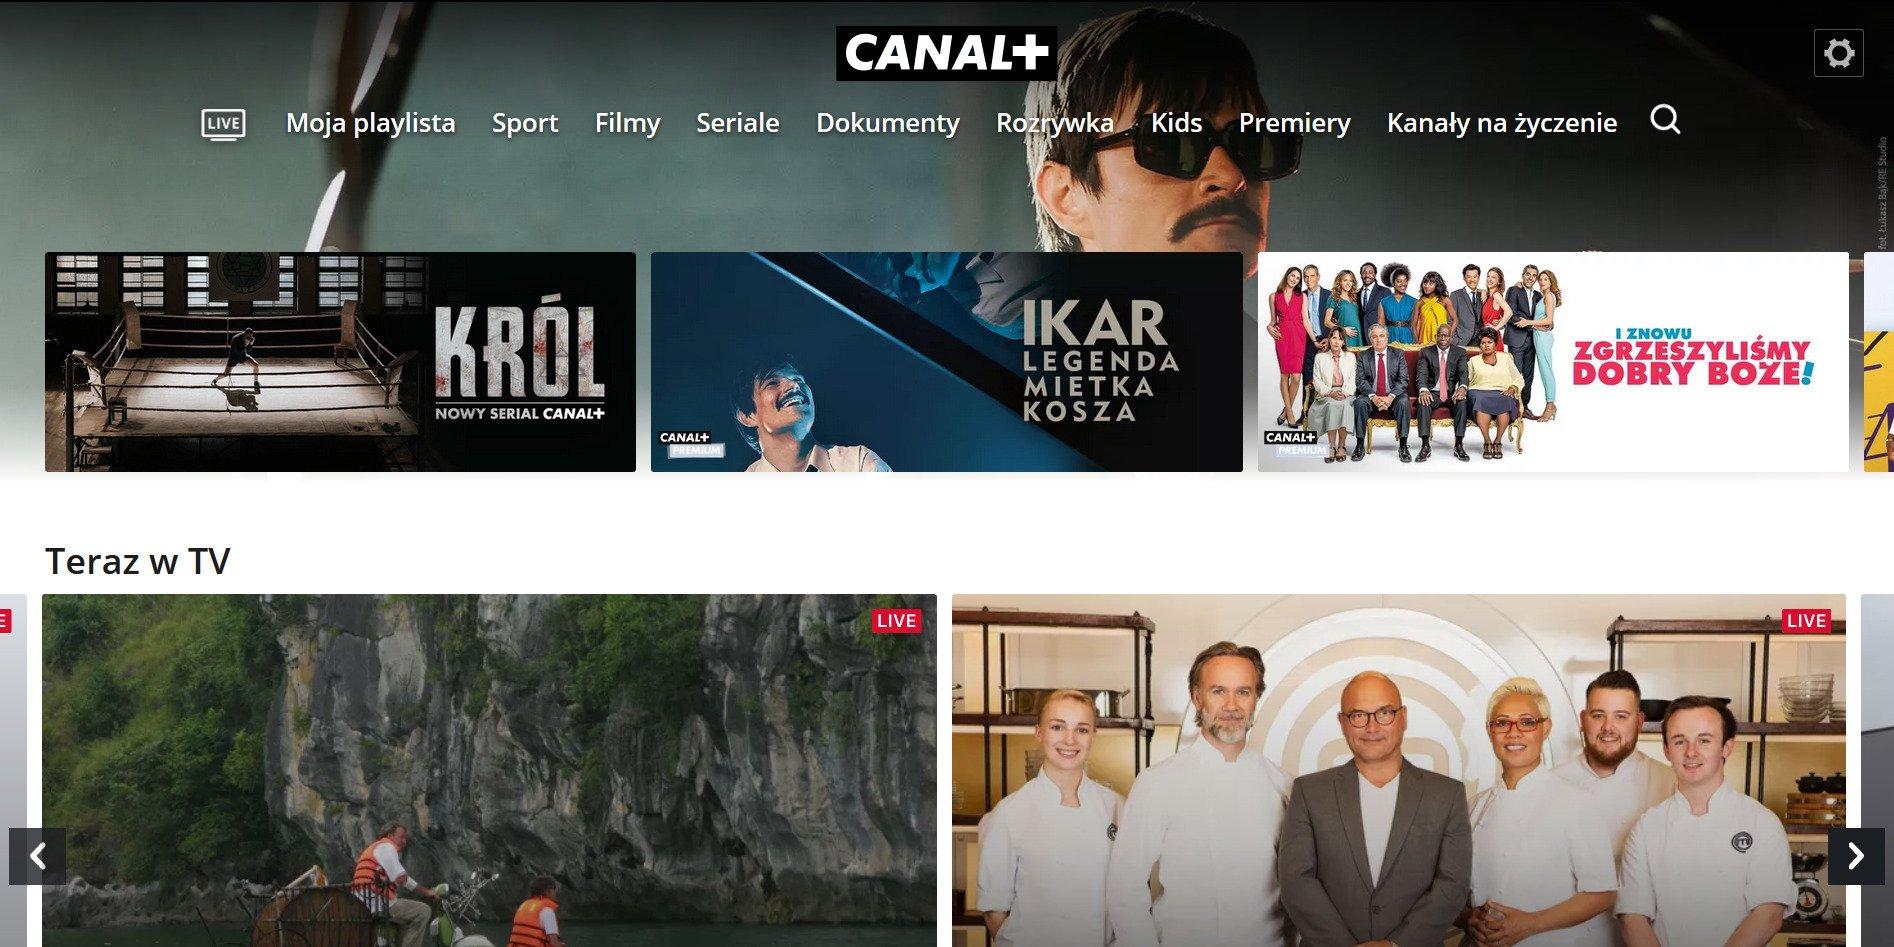 CANAL+ telewizja przez internet bez opłat dla abonentów CANAL+